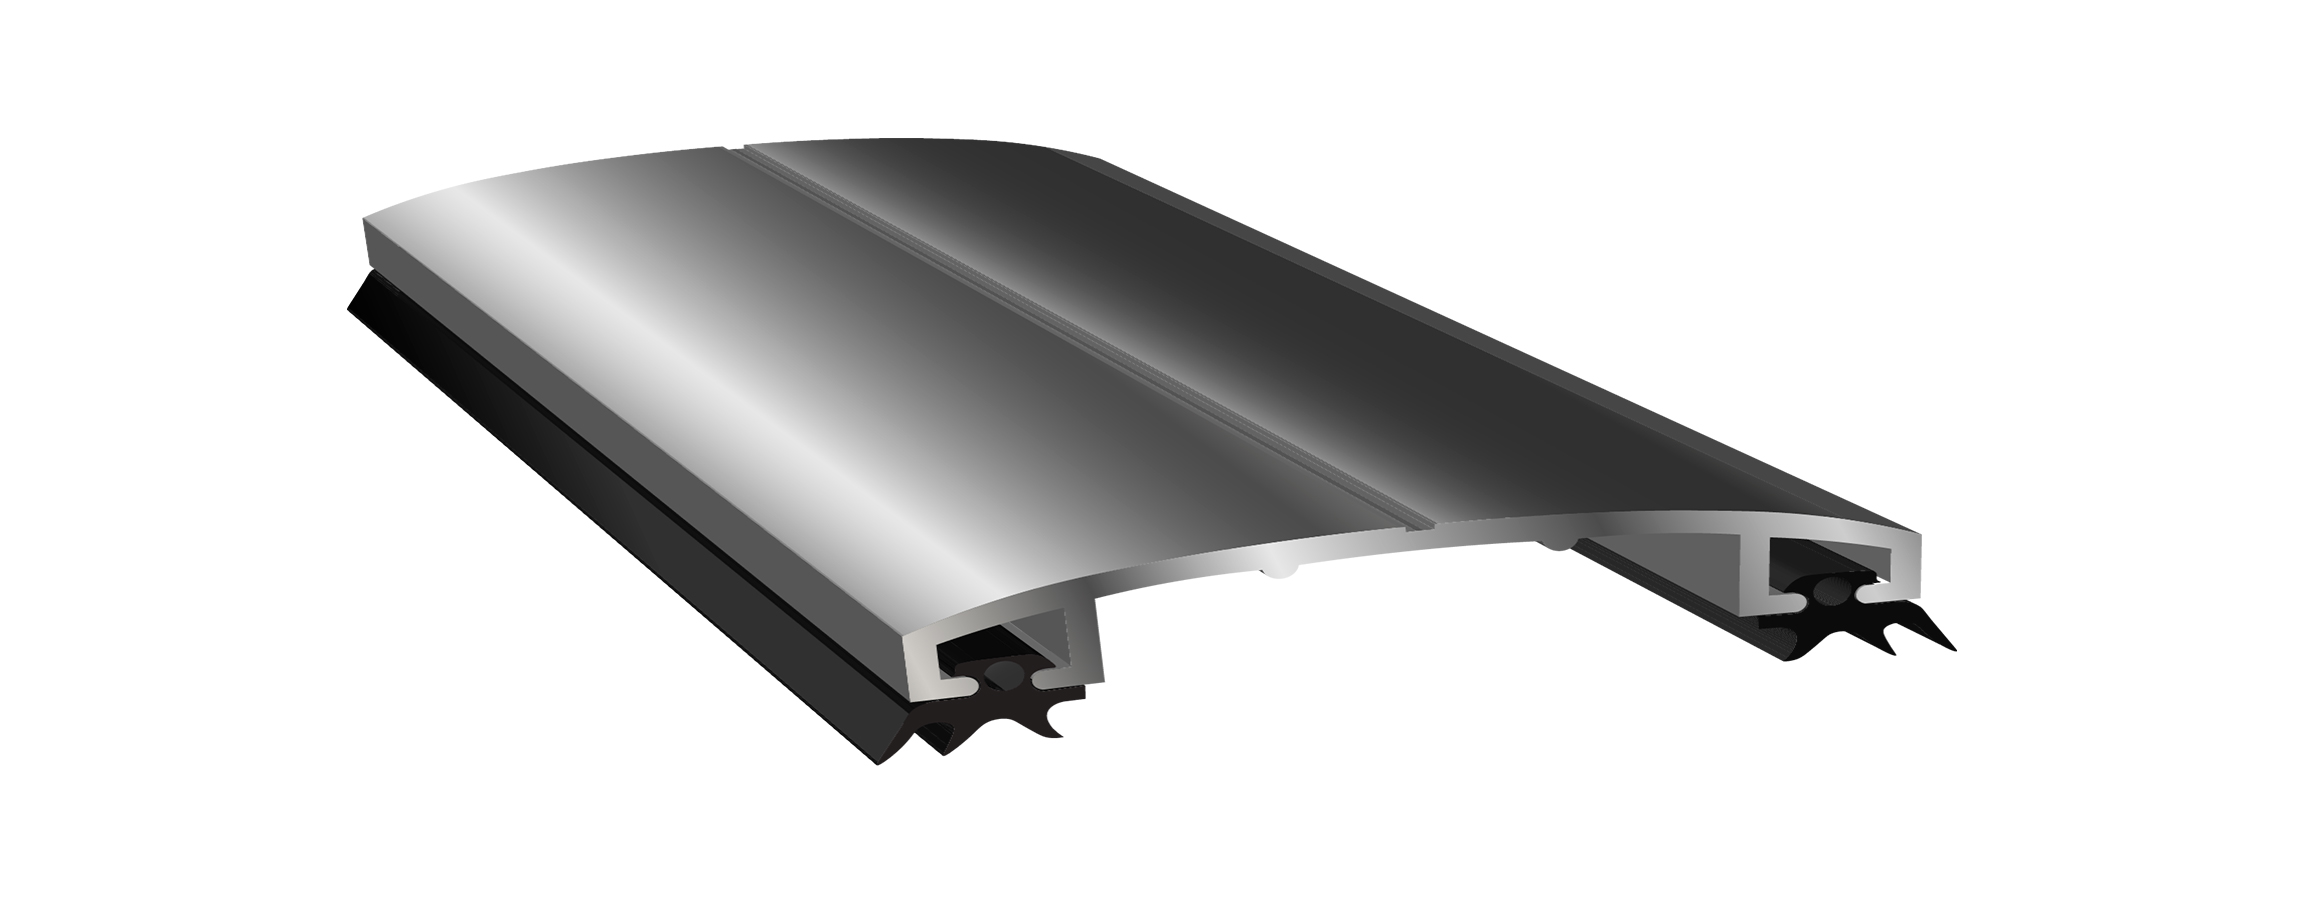 Алюминиевый профиль крышка (60мм)